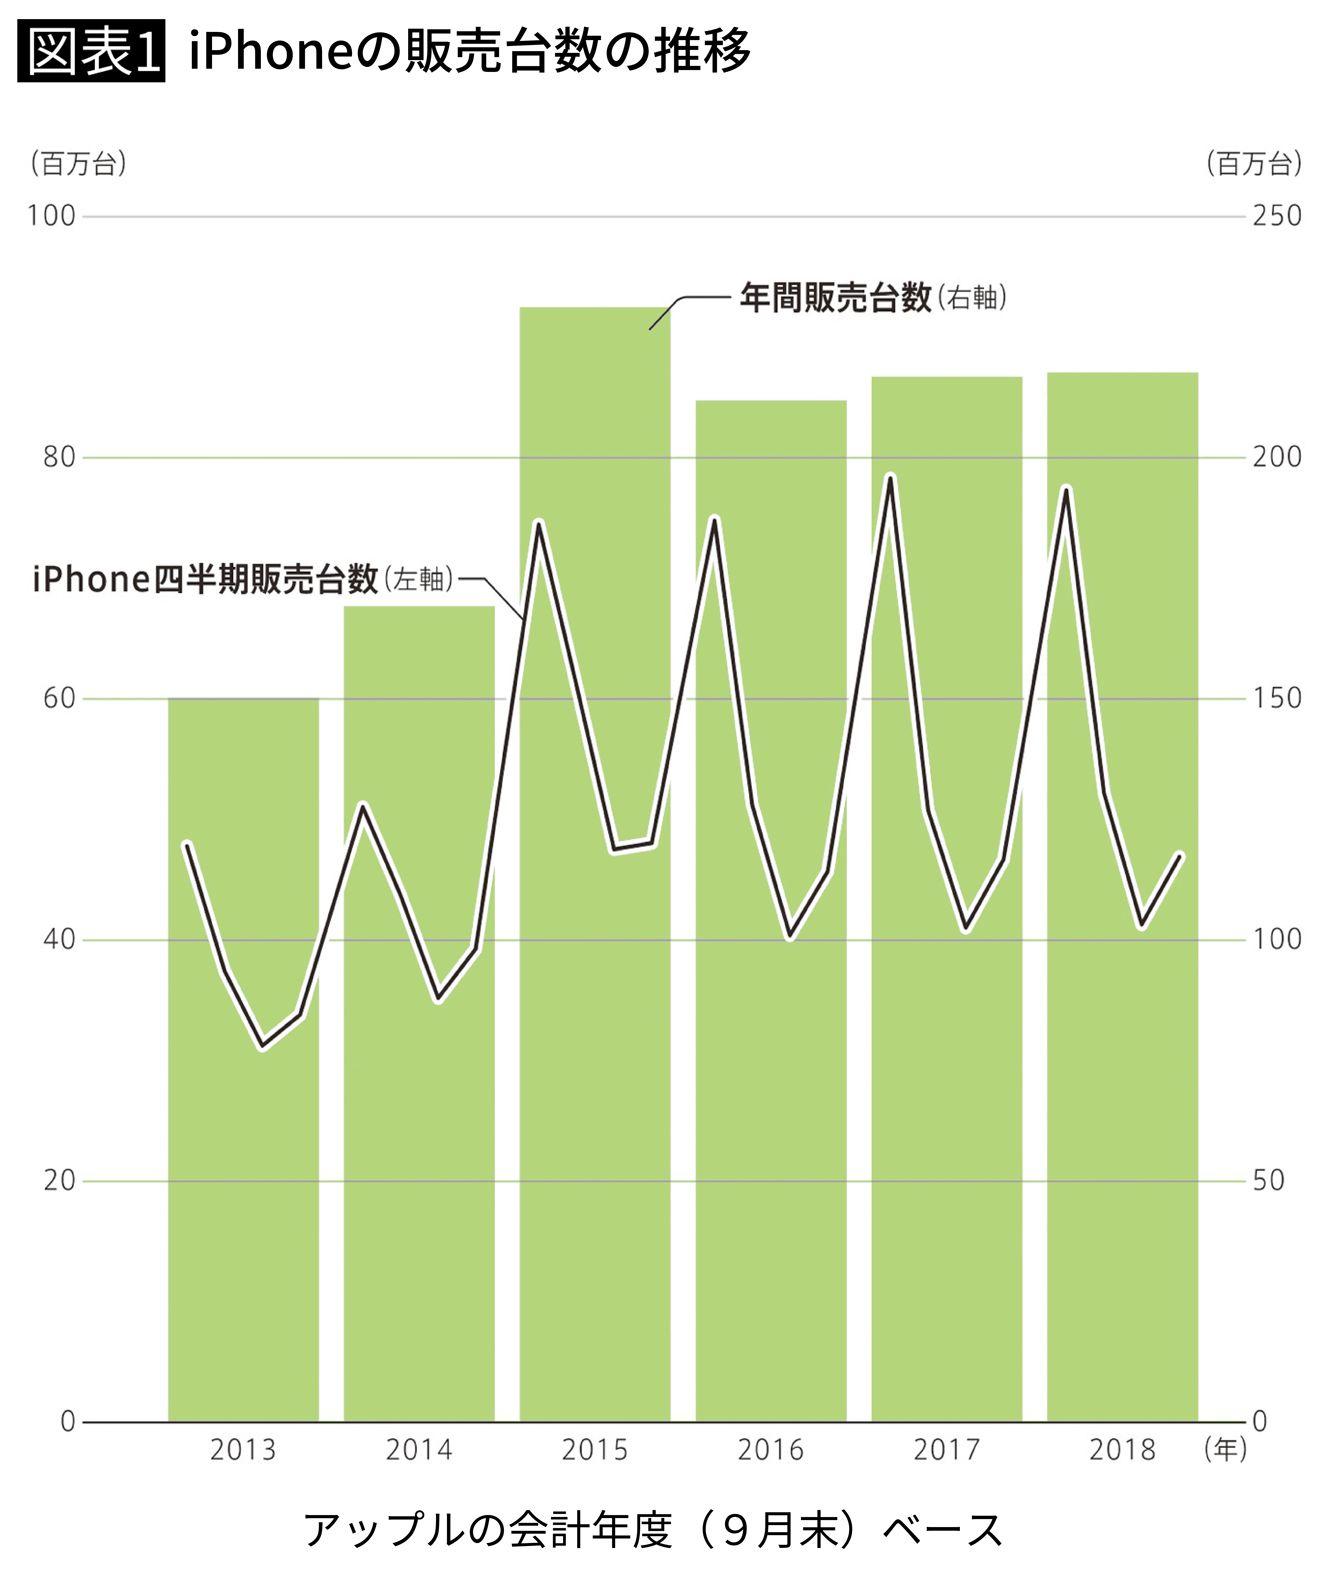 iPhoneの販売台数の推移